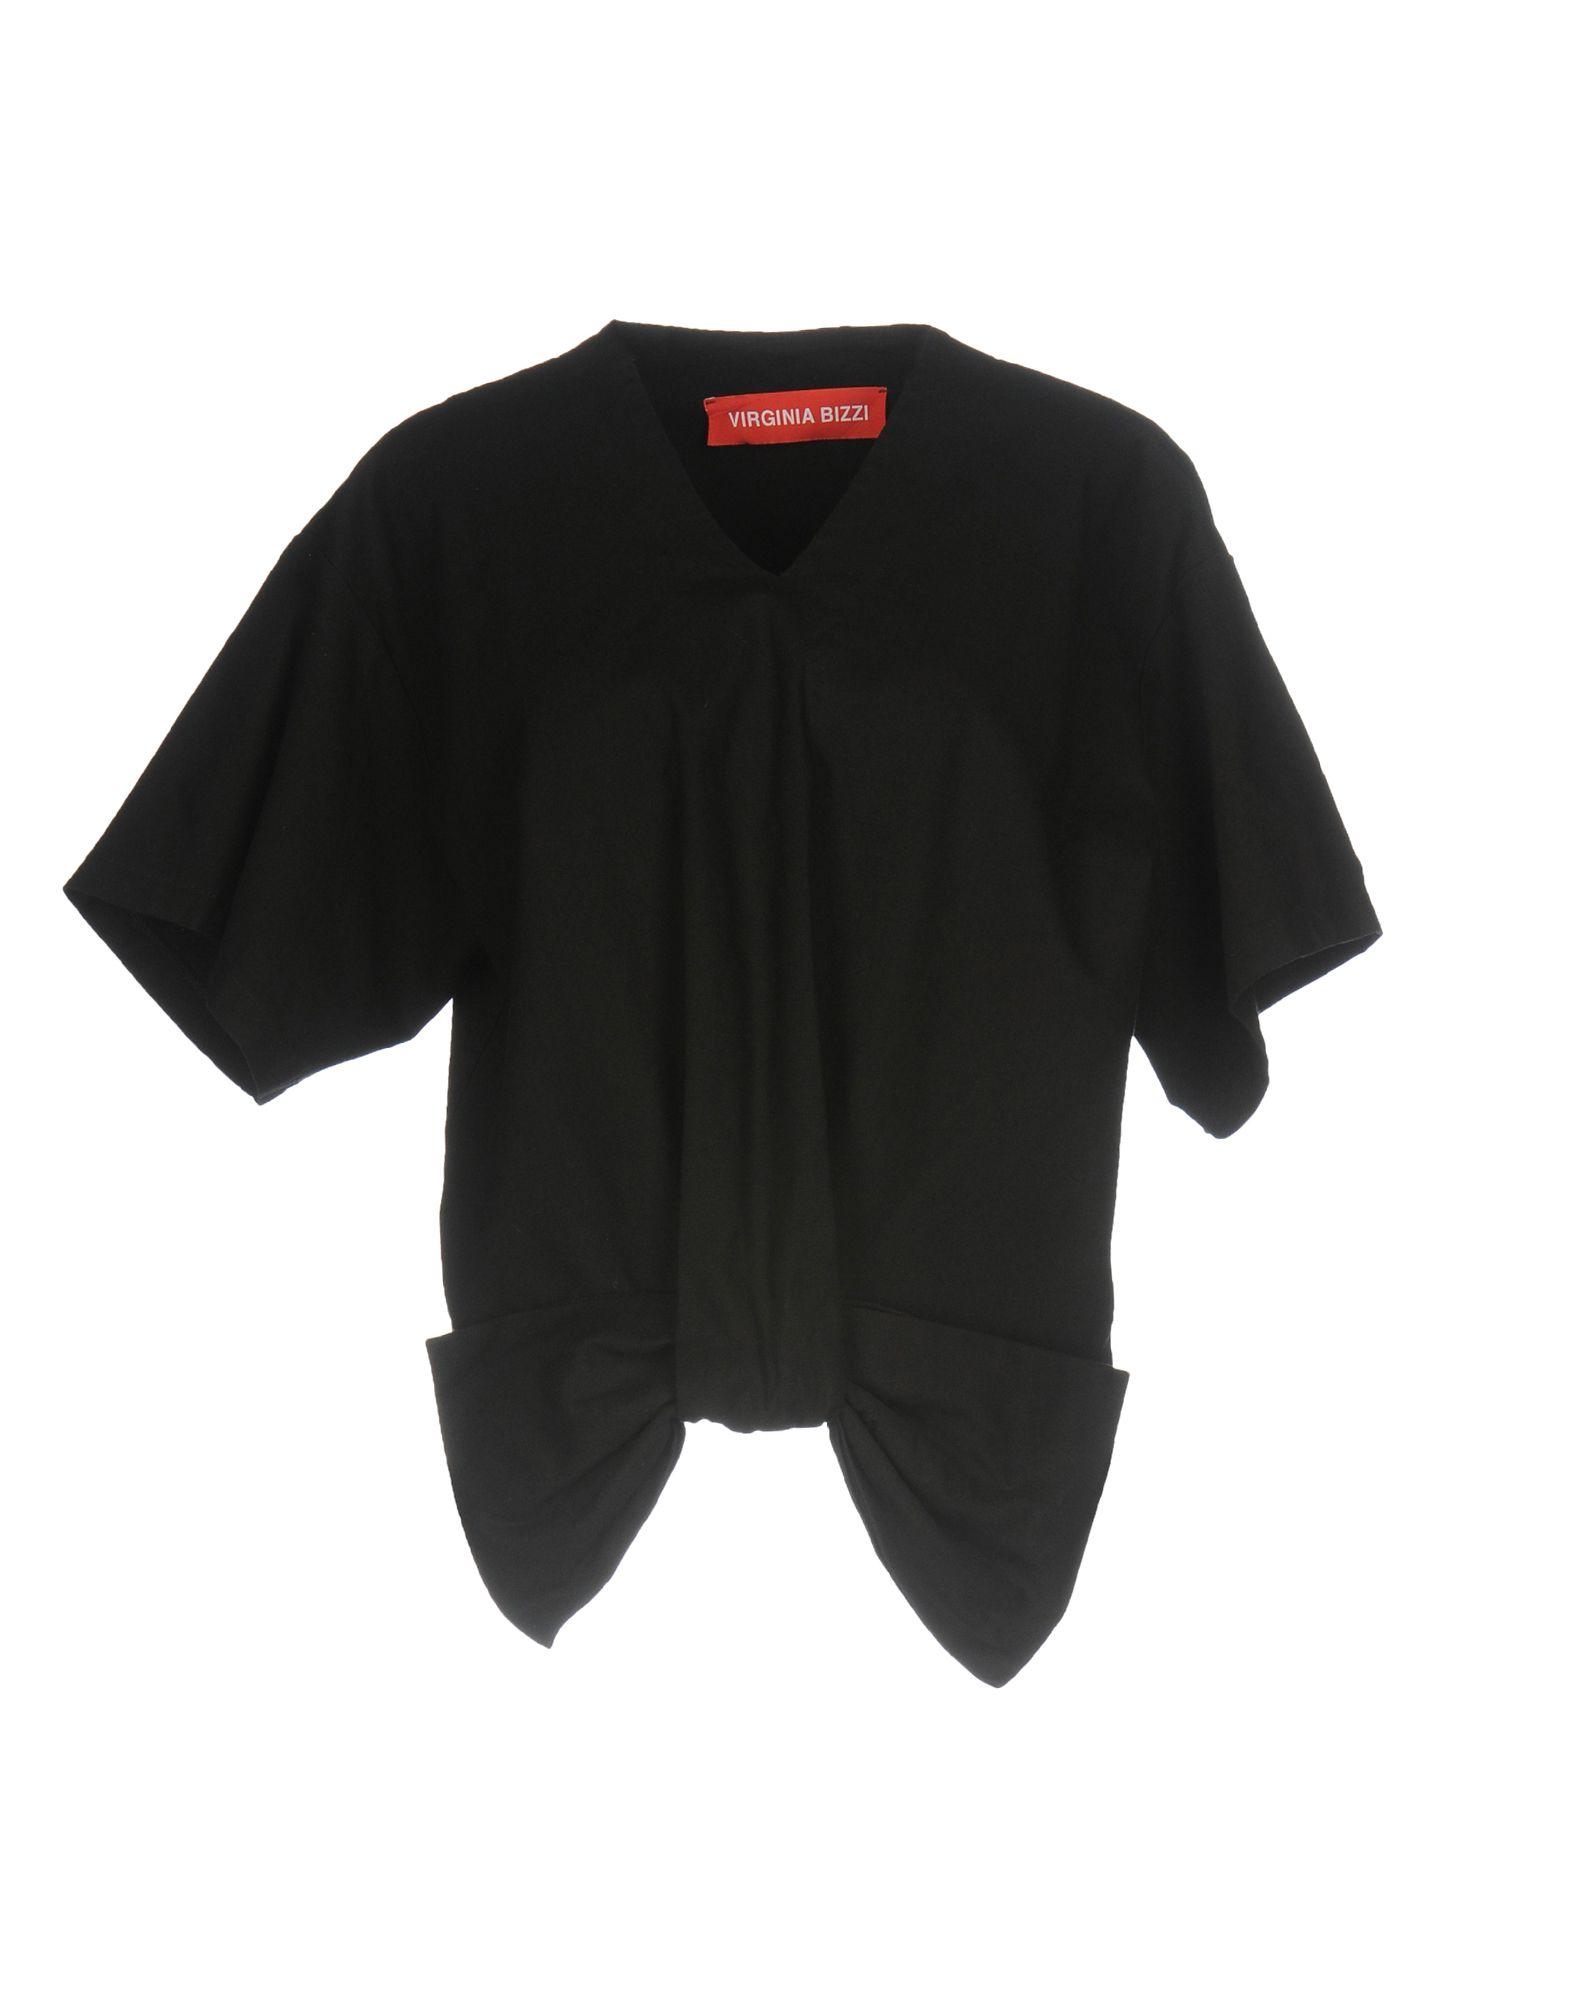 VIRGINIA BIZZI Блузка цена и фото